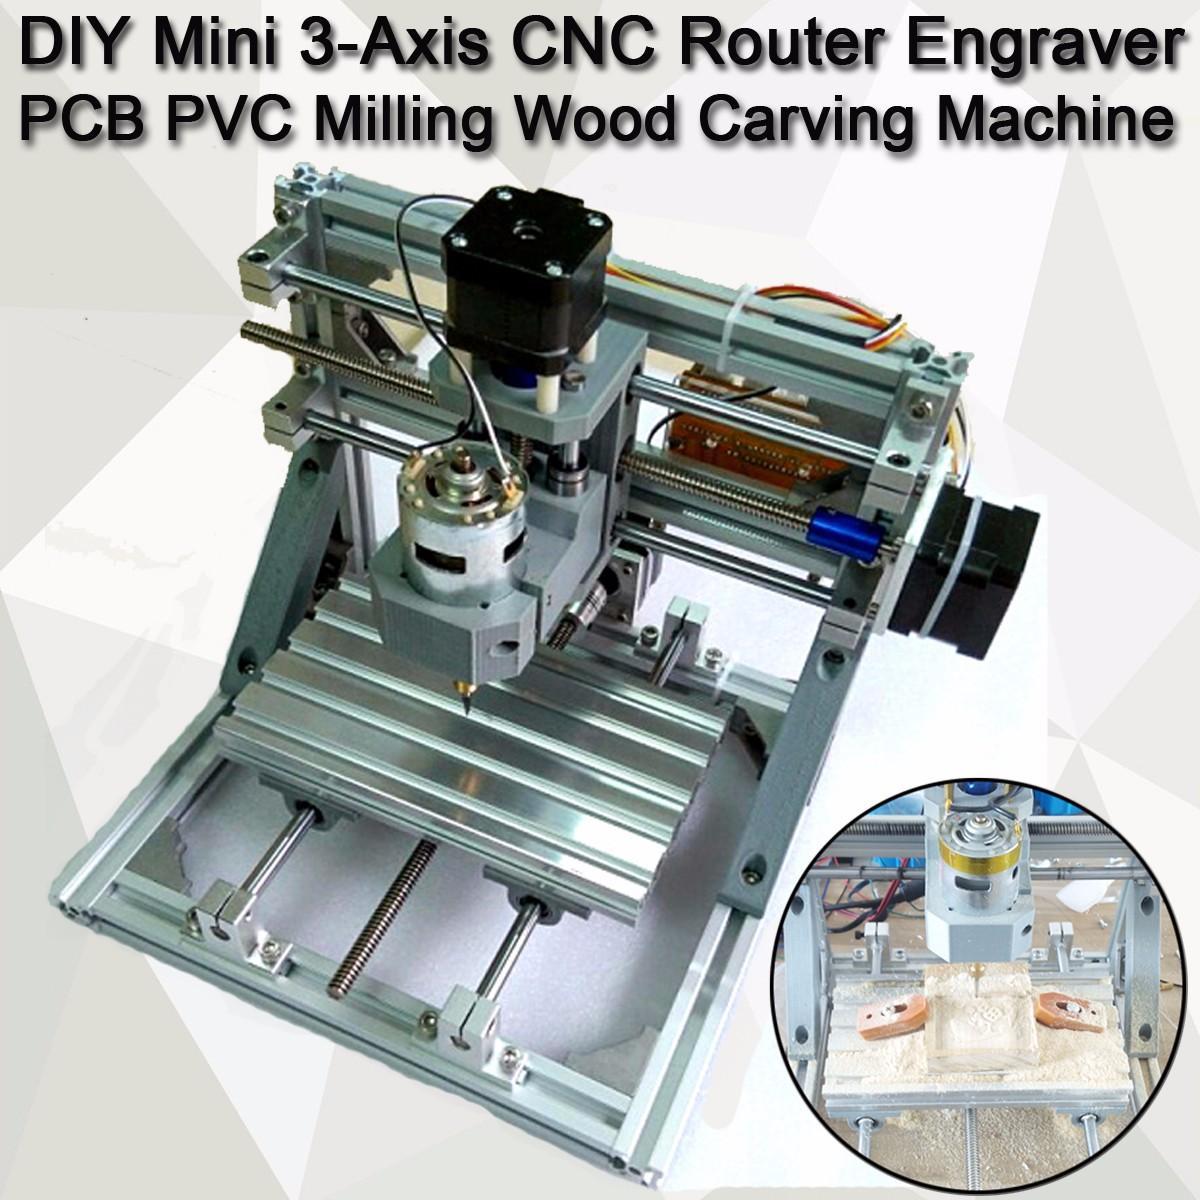 [해외]DIY 미니 3 축 라우터 CNC 1610 GRBL 제어 CNC 기계 조각사 PCB PVC 밀링 나무 조각 작업 영역 16x10.5x3cm/DIY Mini 3 Axis Router CNC 1610 GRBL Control CNC Machine Engraver PC